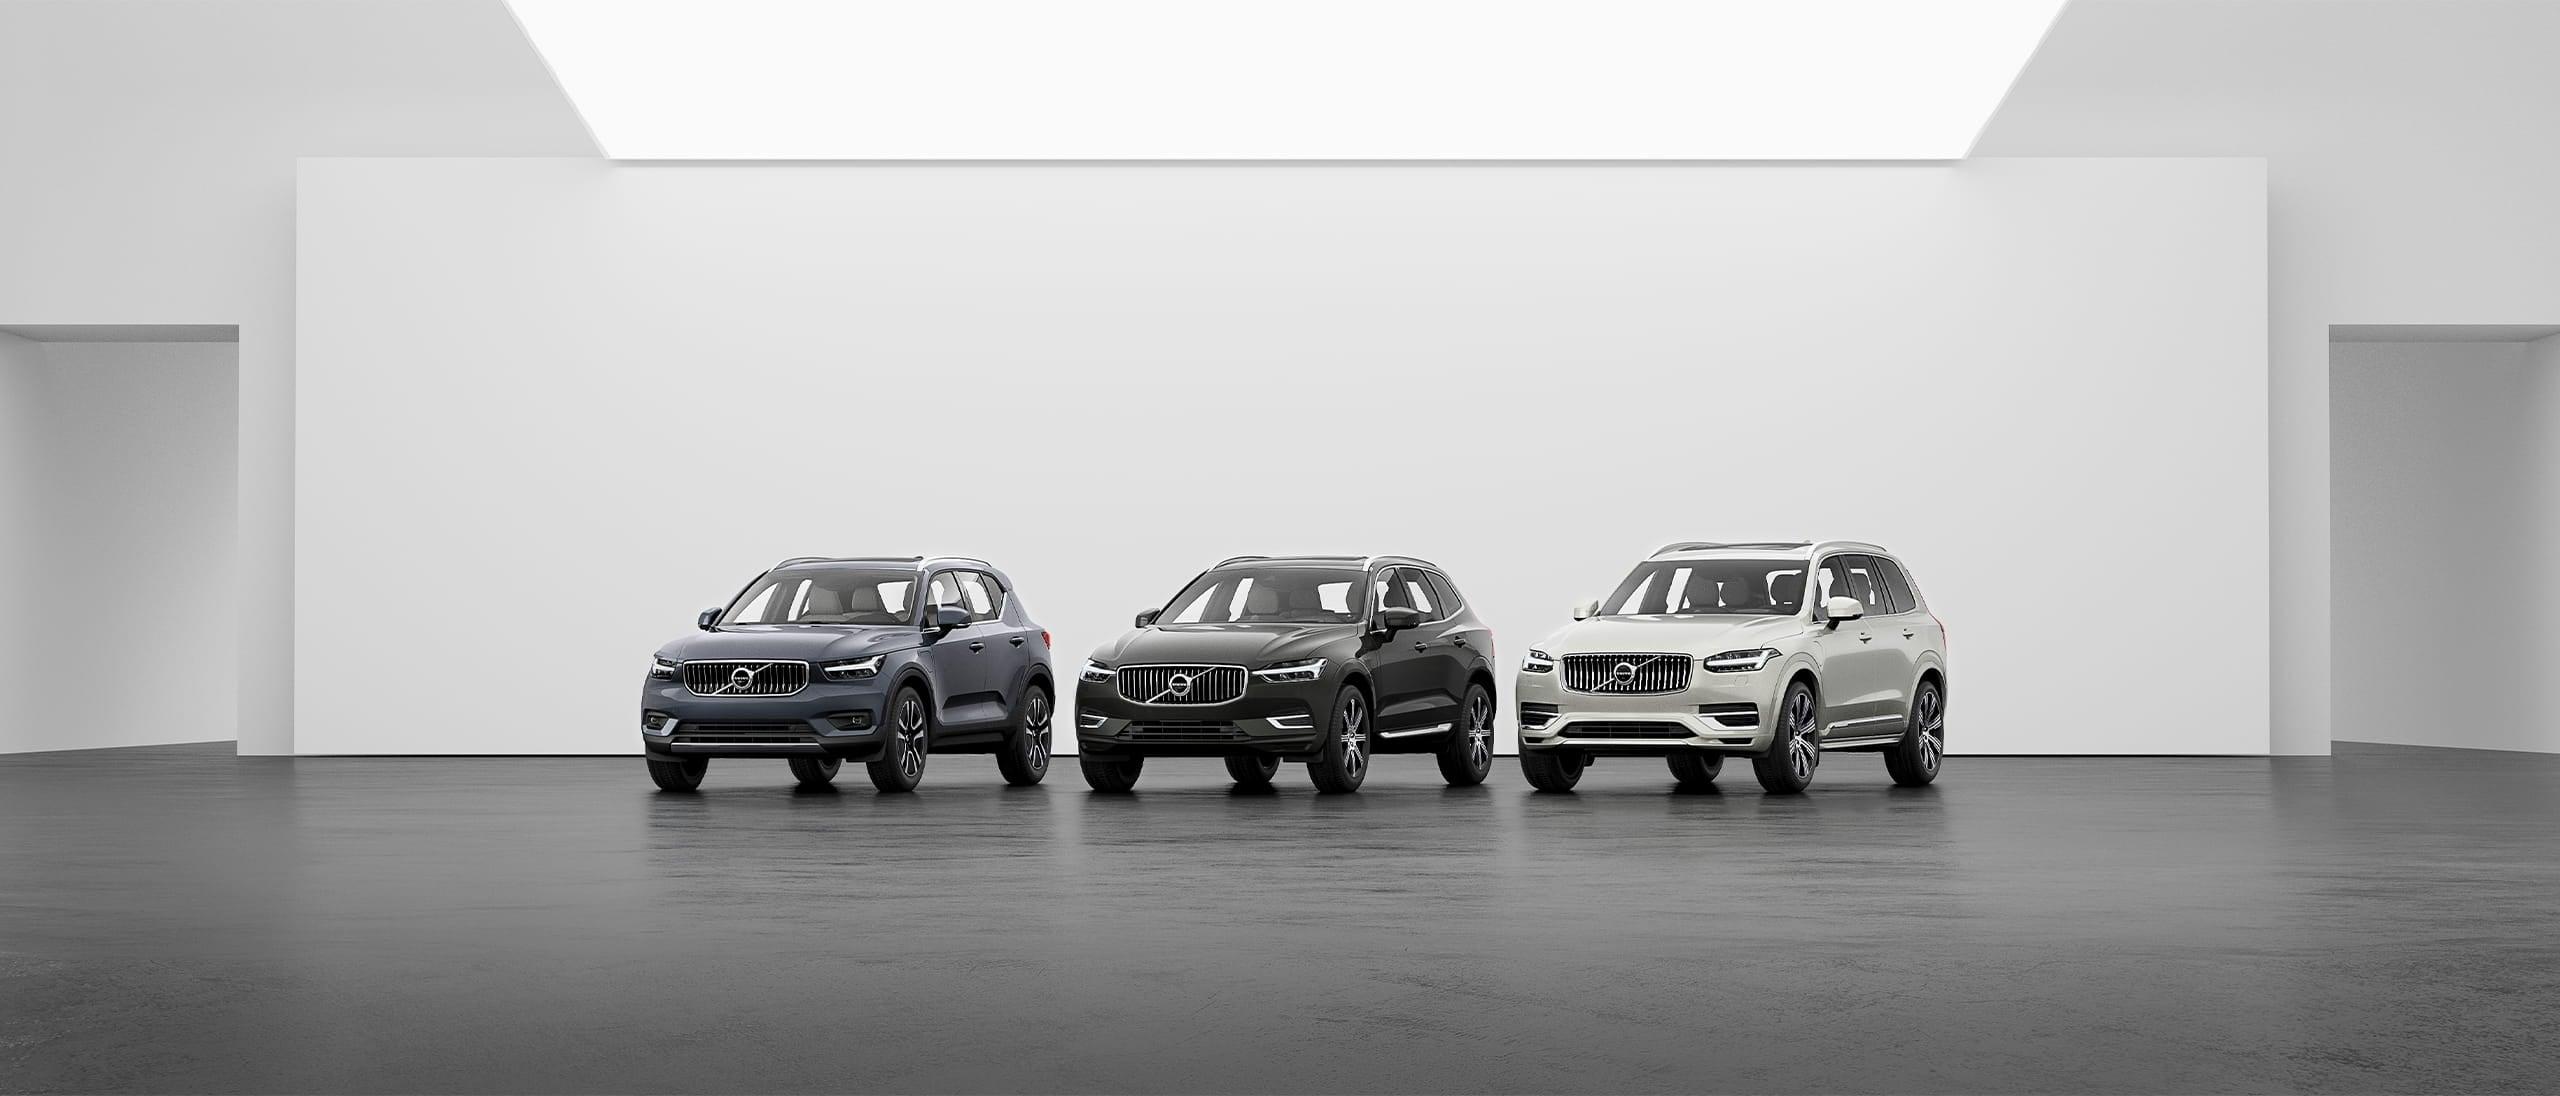 Een opstelling van de Volvo SUV's XC40, XC60 en XC90 op een grijze vloer